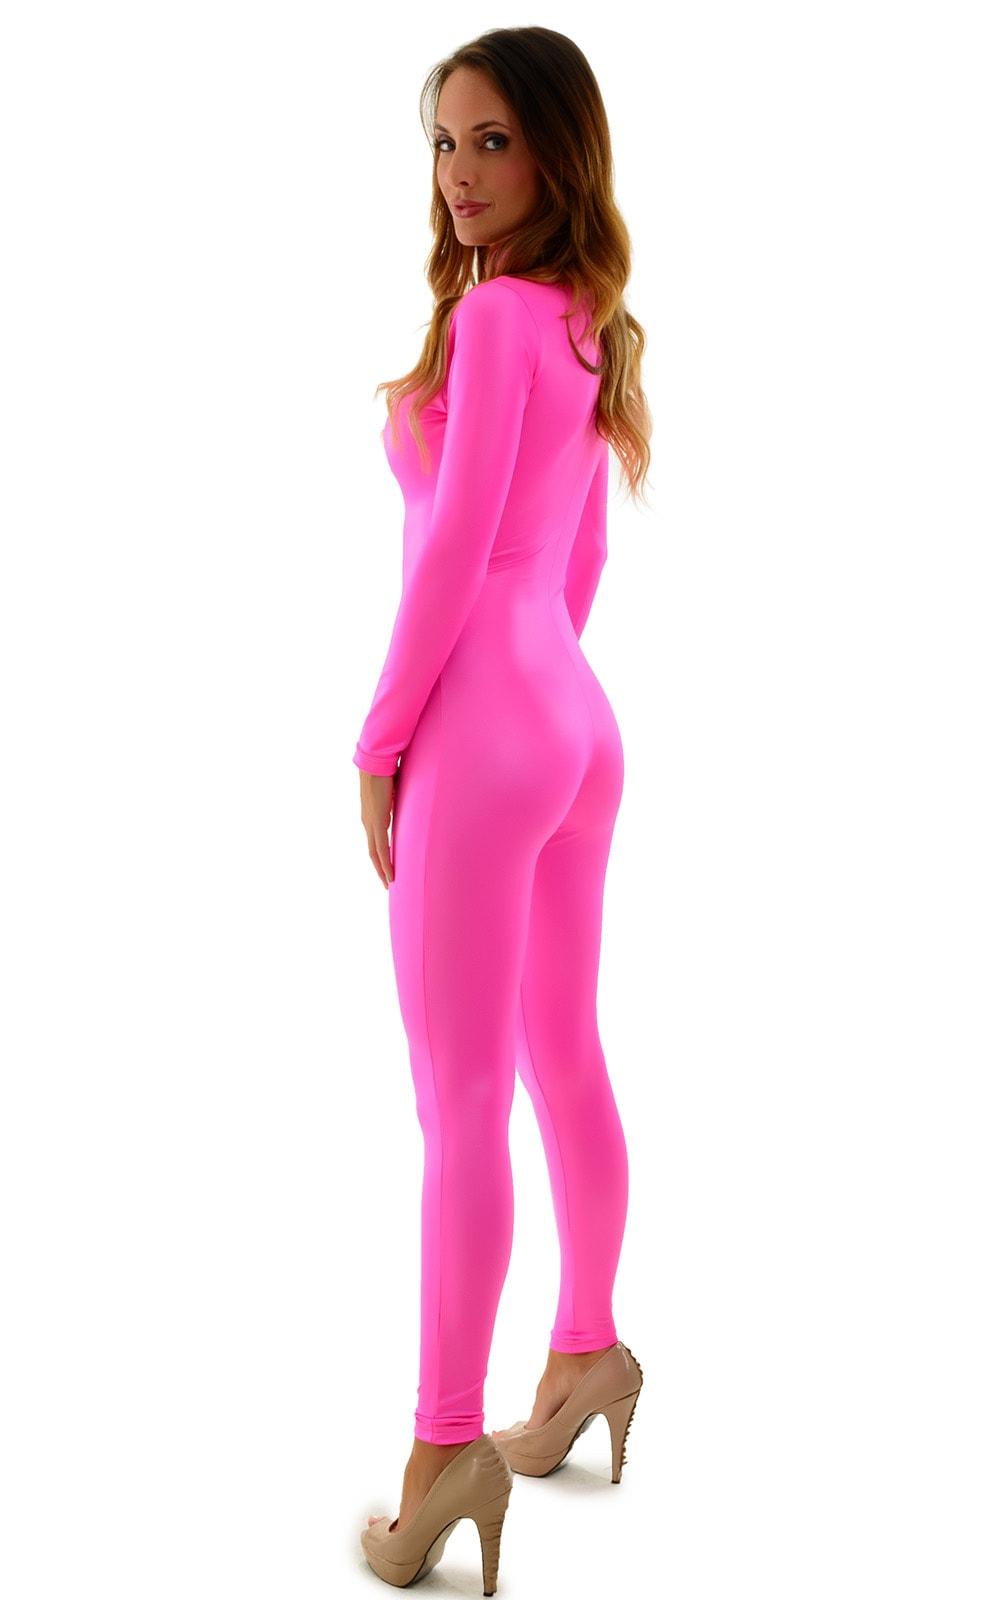 Front Zipper Catsuit-Bodysuit for Women in Wet Look Hot Pink 3